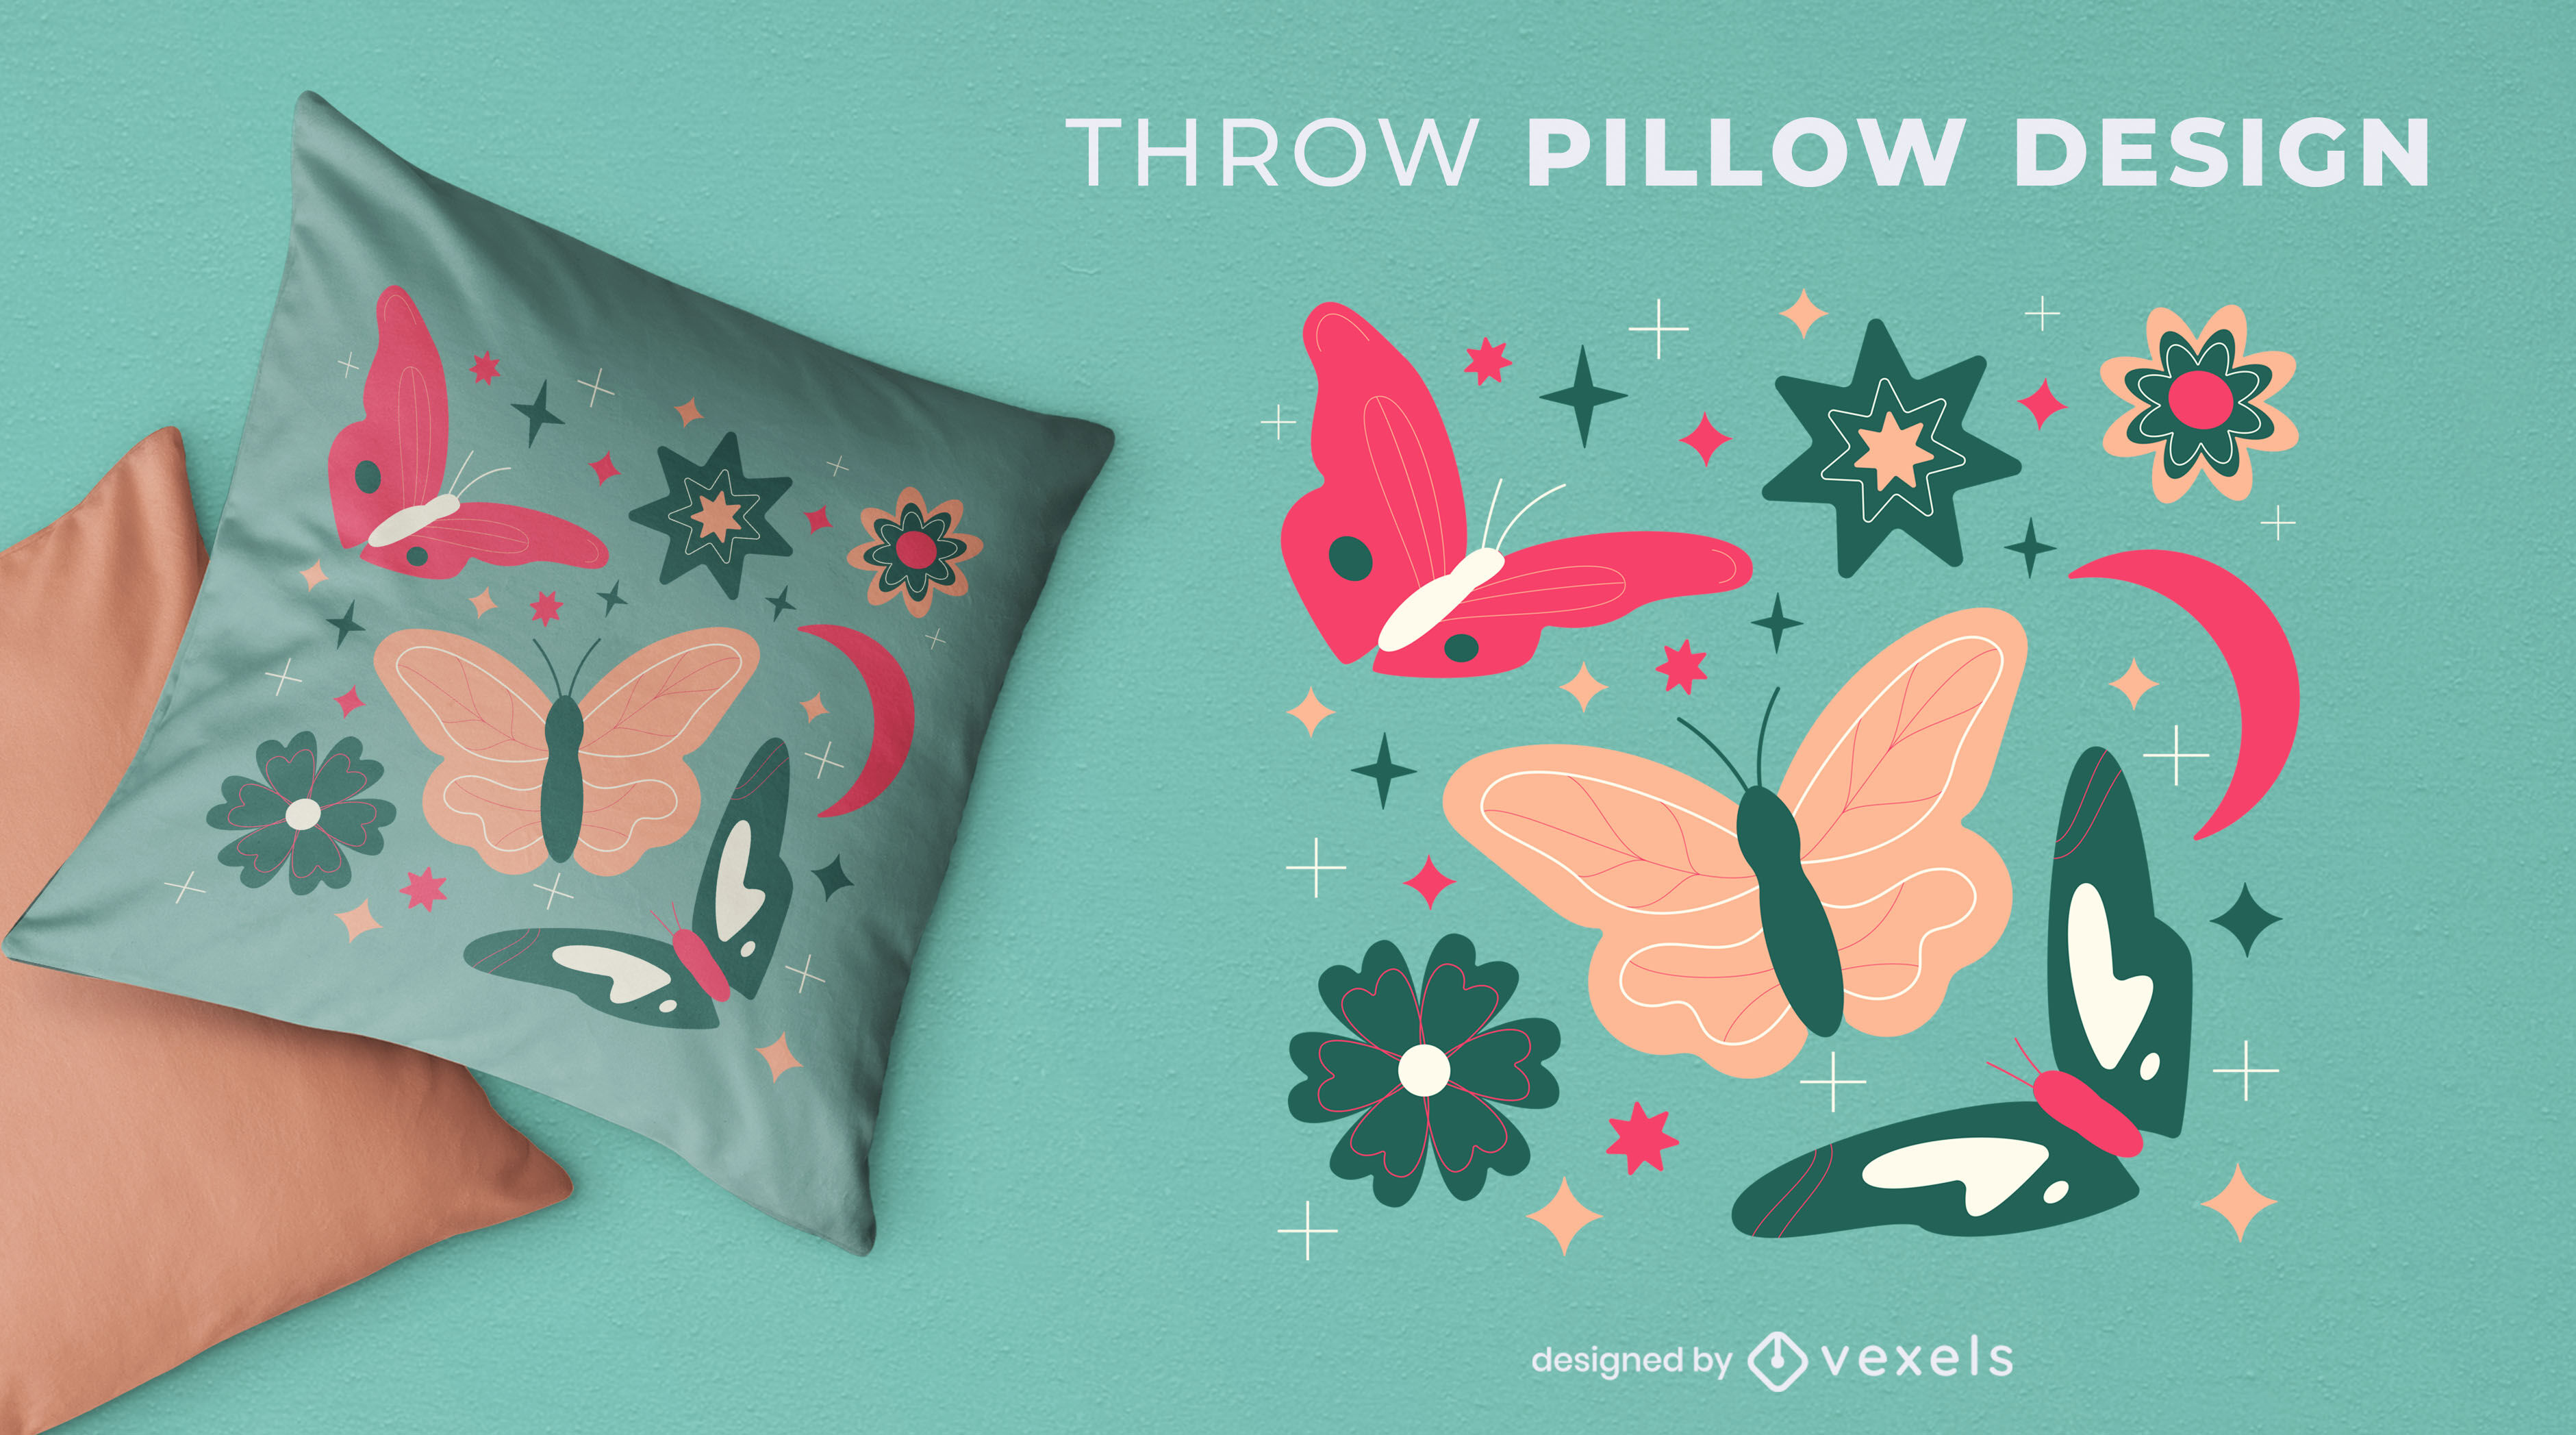 Flowers and butterflies throw pillow design